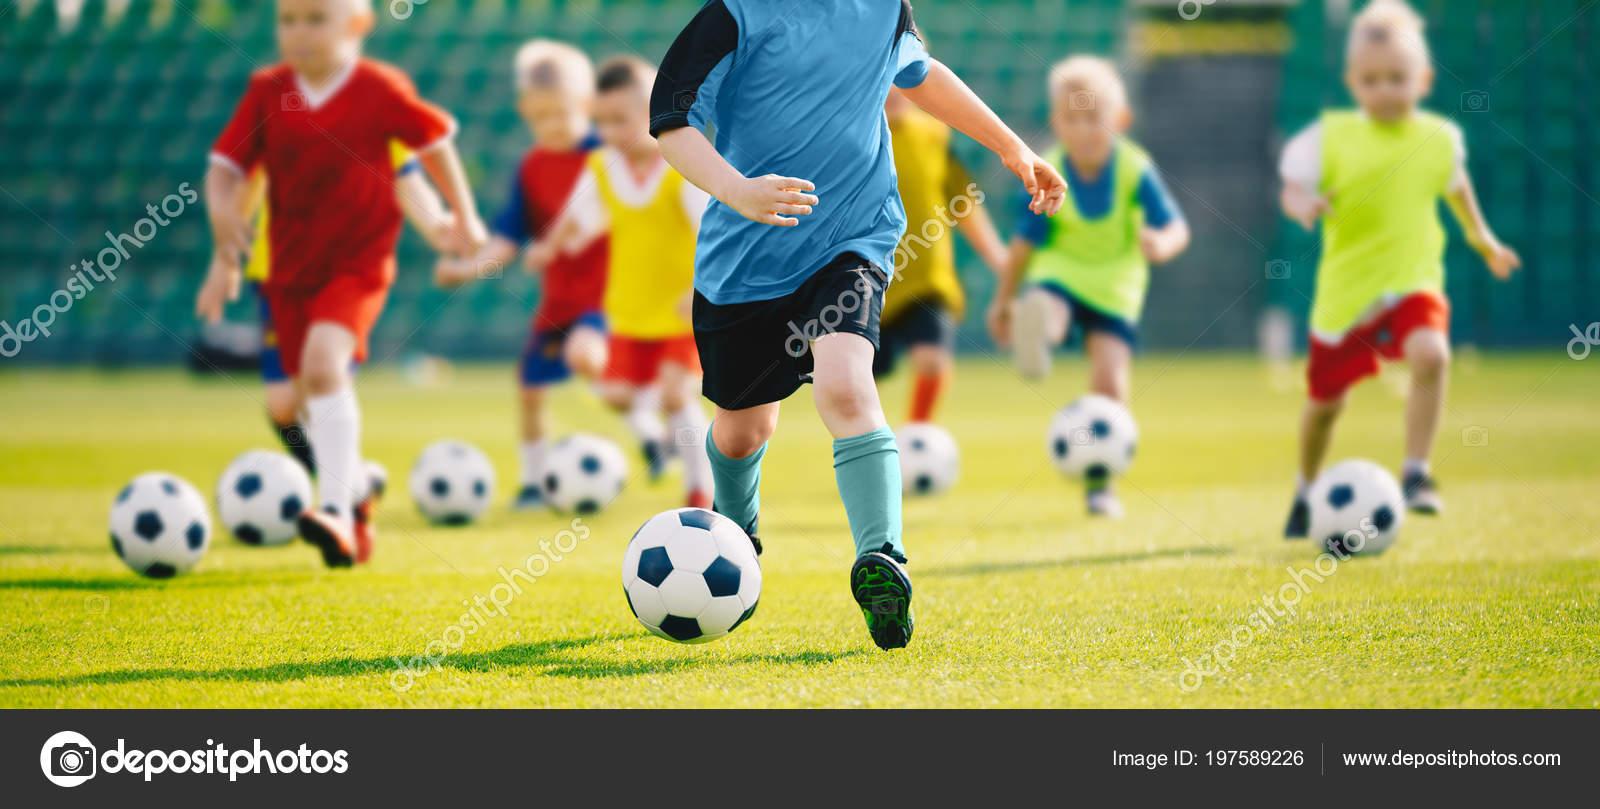 Футбол Футбол Навчання Дітей Діти Футбол Тренувального Сеансу Діти ... 850a603c943dd